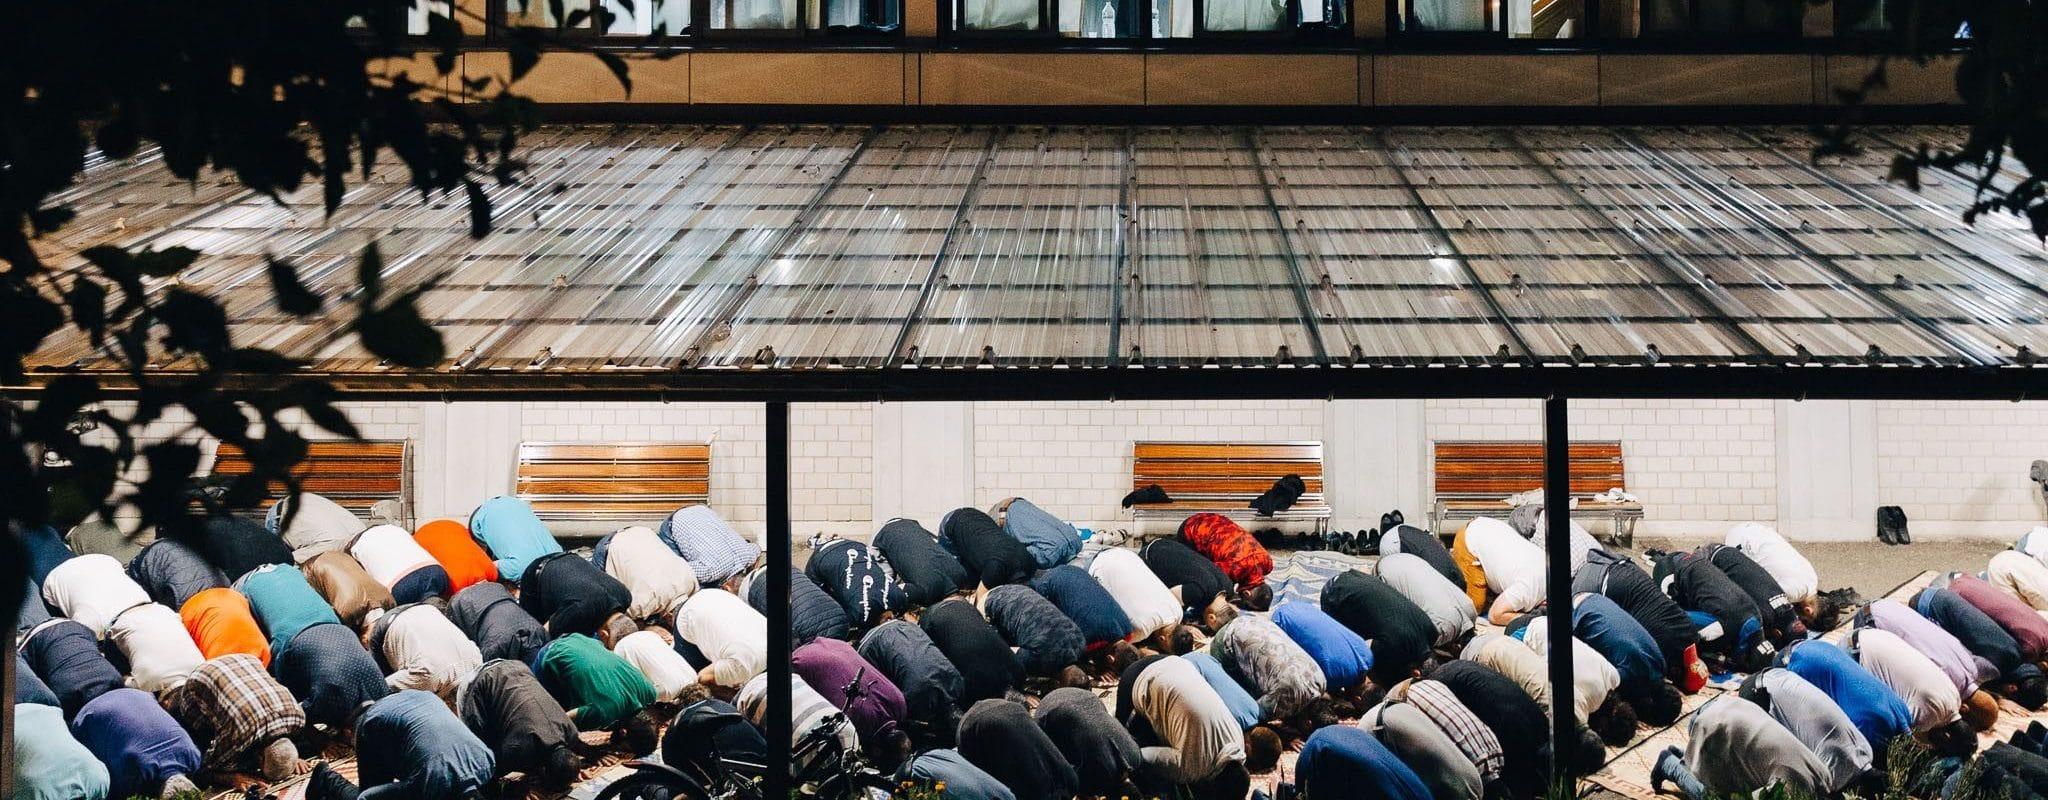 Le modèle de l'islam strasbourgeois en six exemples